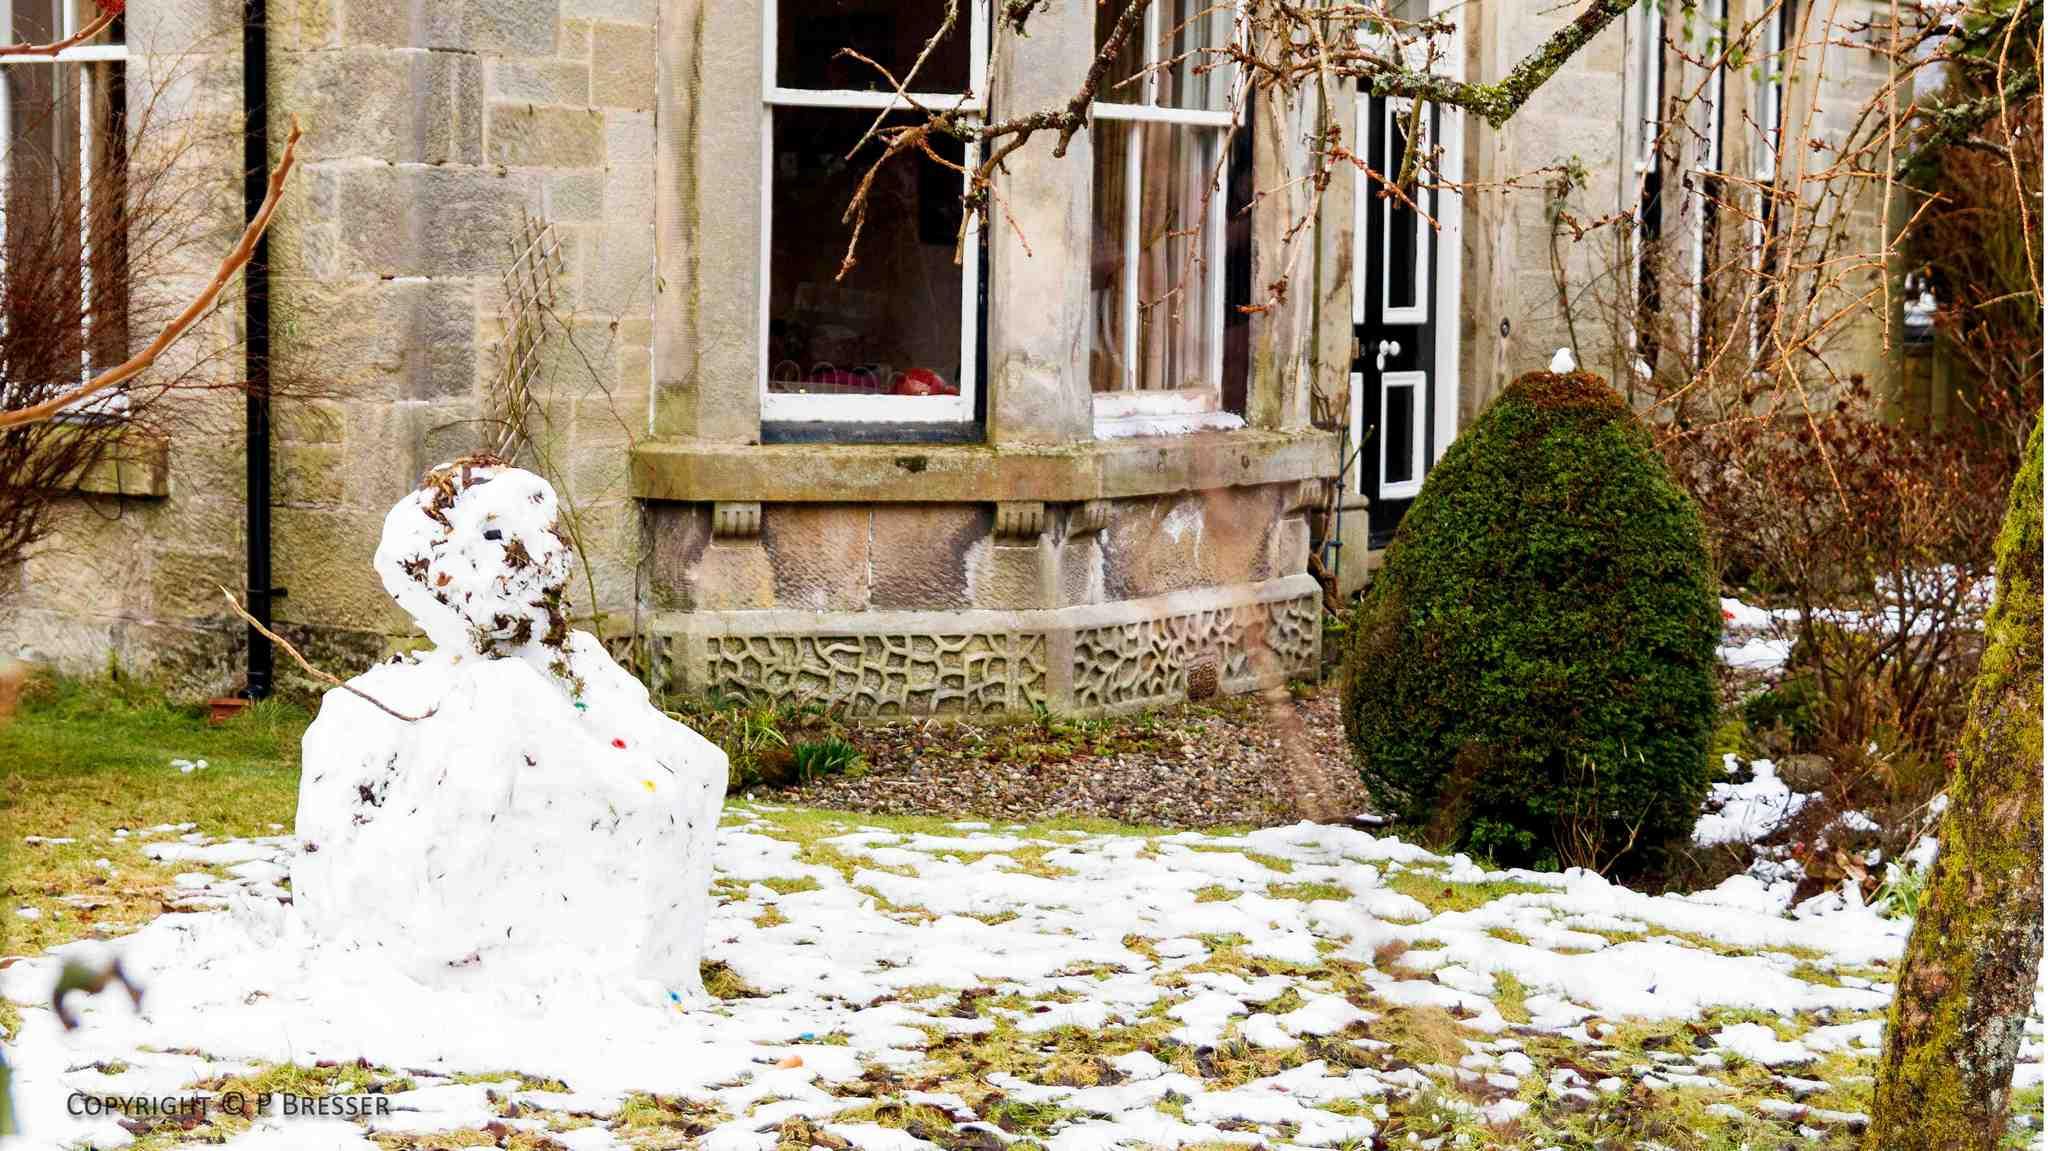 snowman in Victorian house's garden